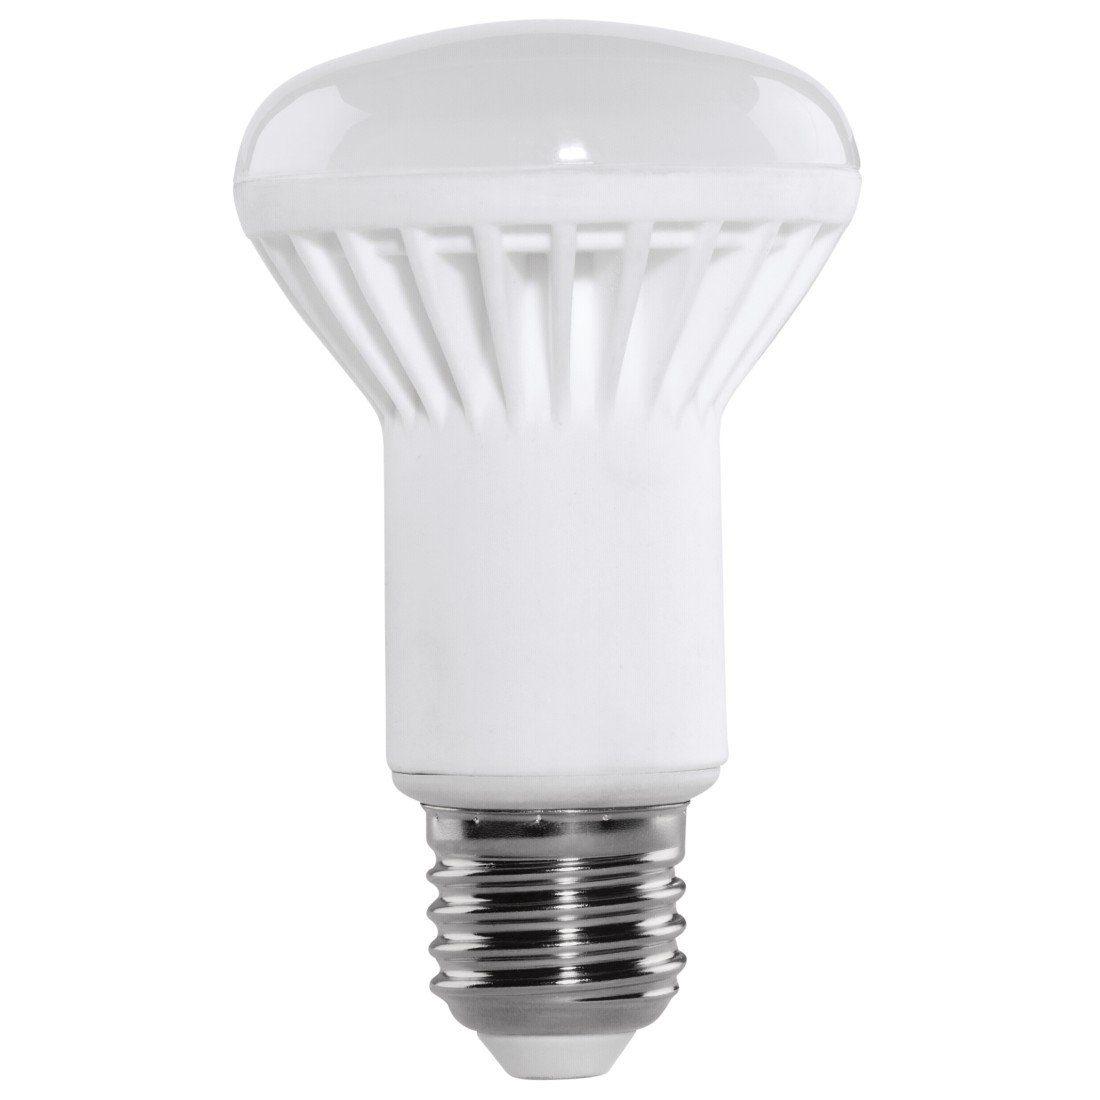 Xavax LED-Lampe, 8W, Reflektor R63, E27, Warmweiß